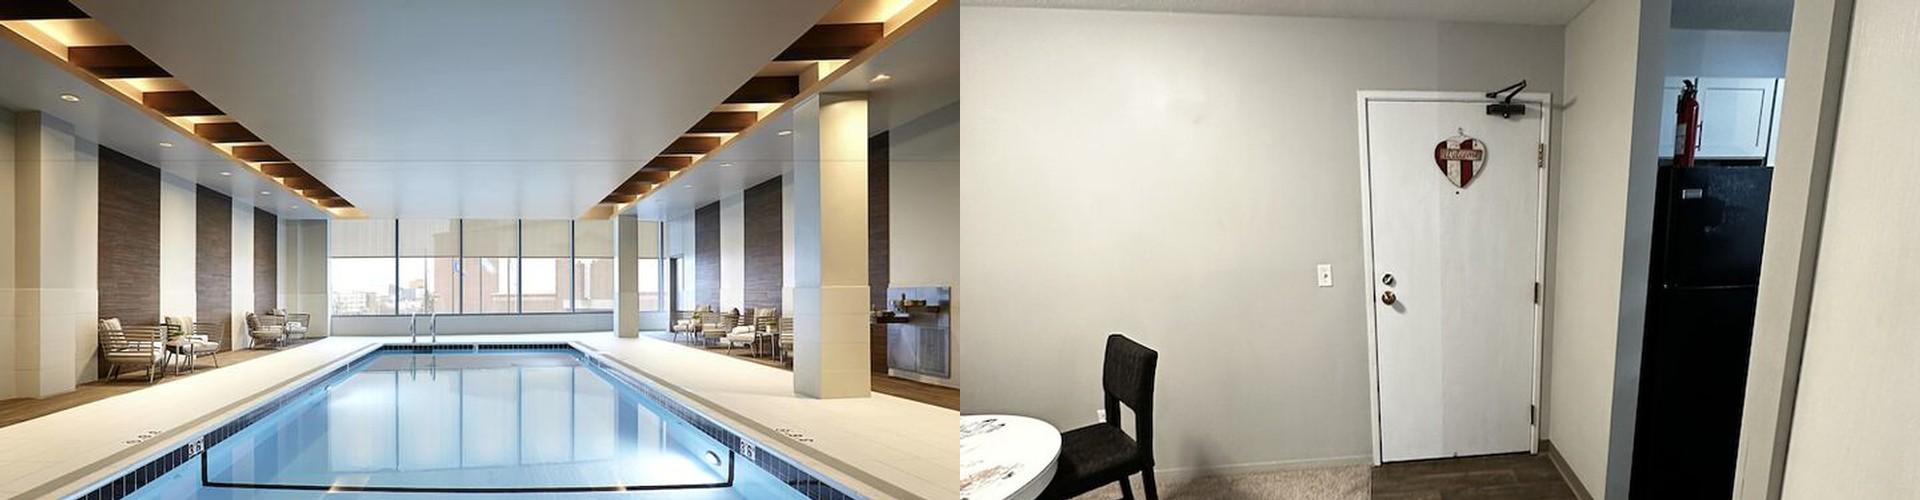 Best Bloomington Meeting Hotels - Bloomington (MN) Meeting Rooms